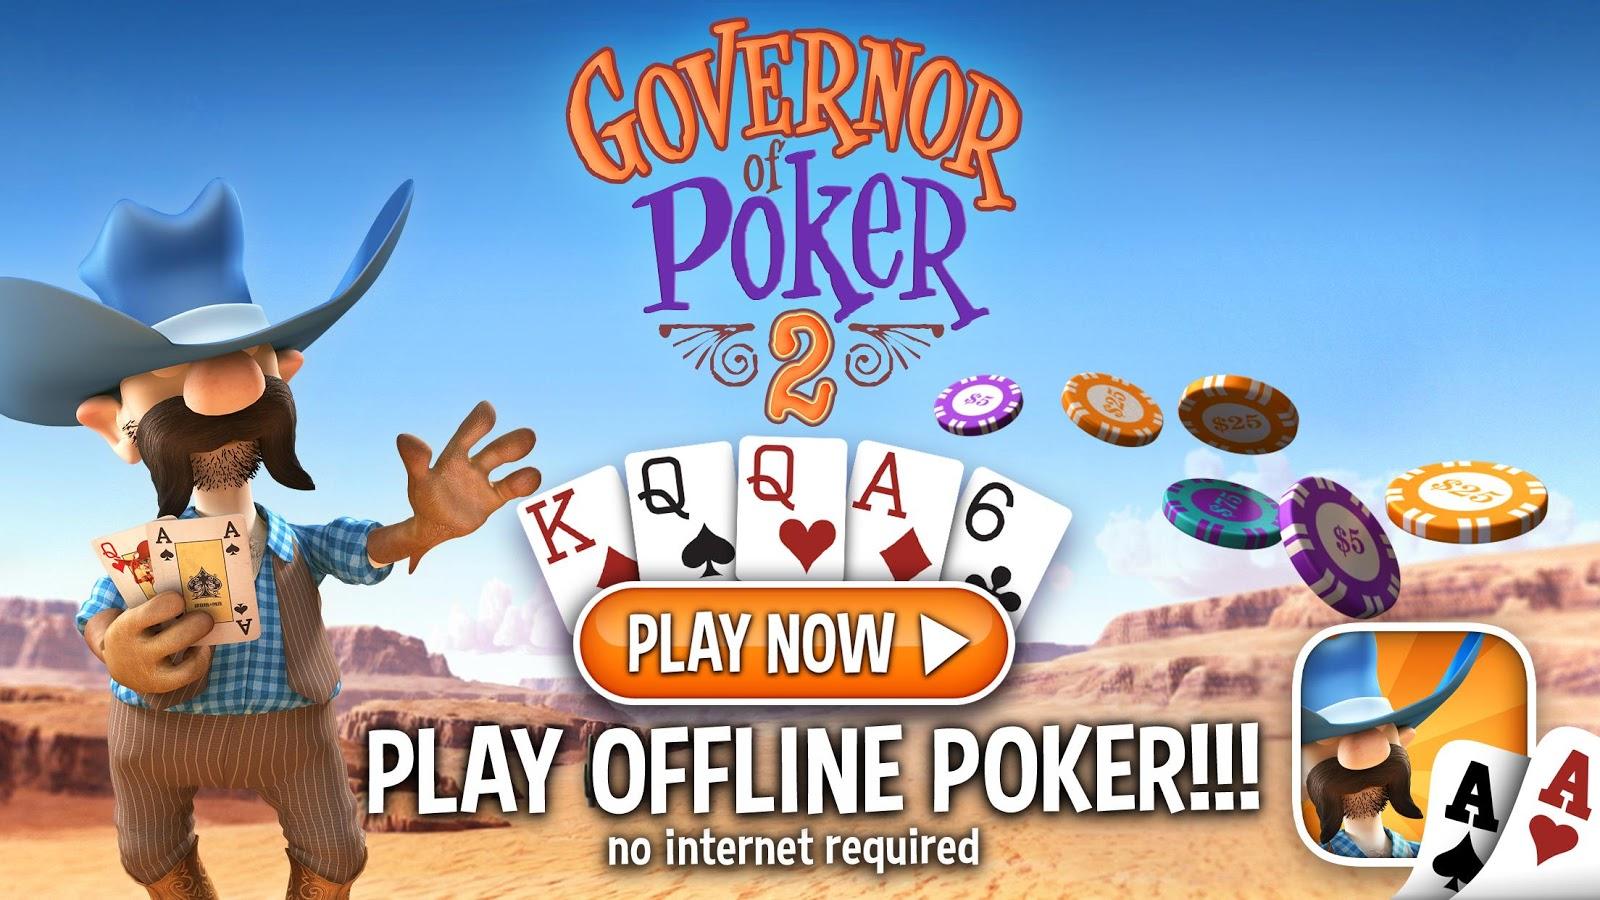 governer of poker - governer-of-poker